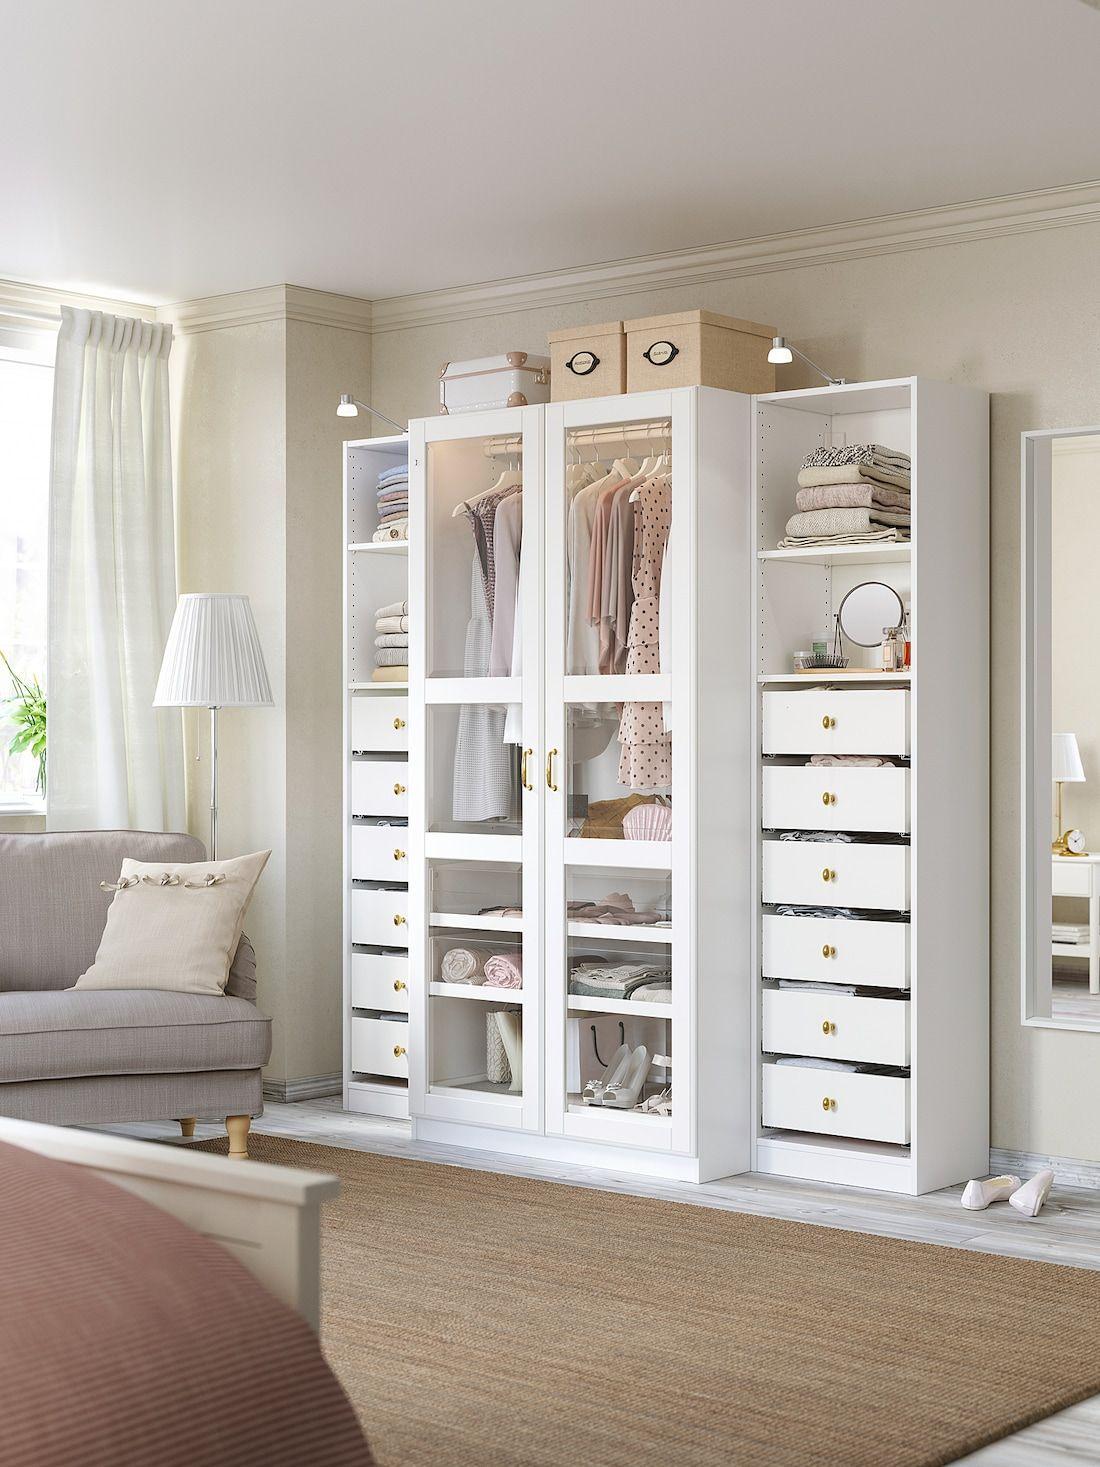 PAX Wardrobe white, Tyssedal glass. Shop IKEA® IKEA in